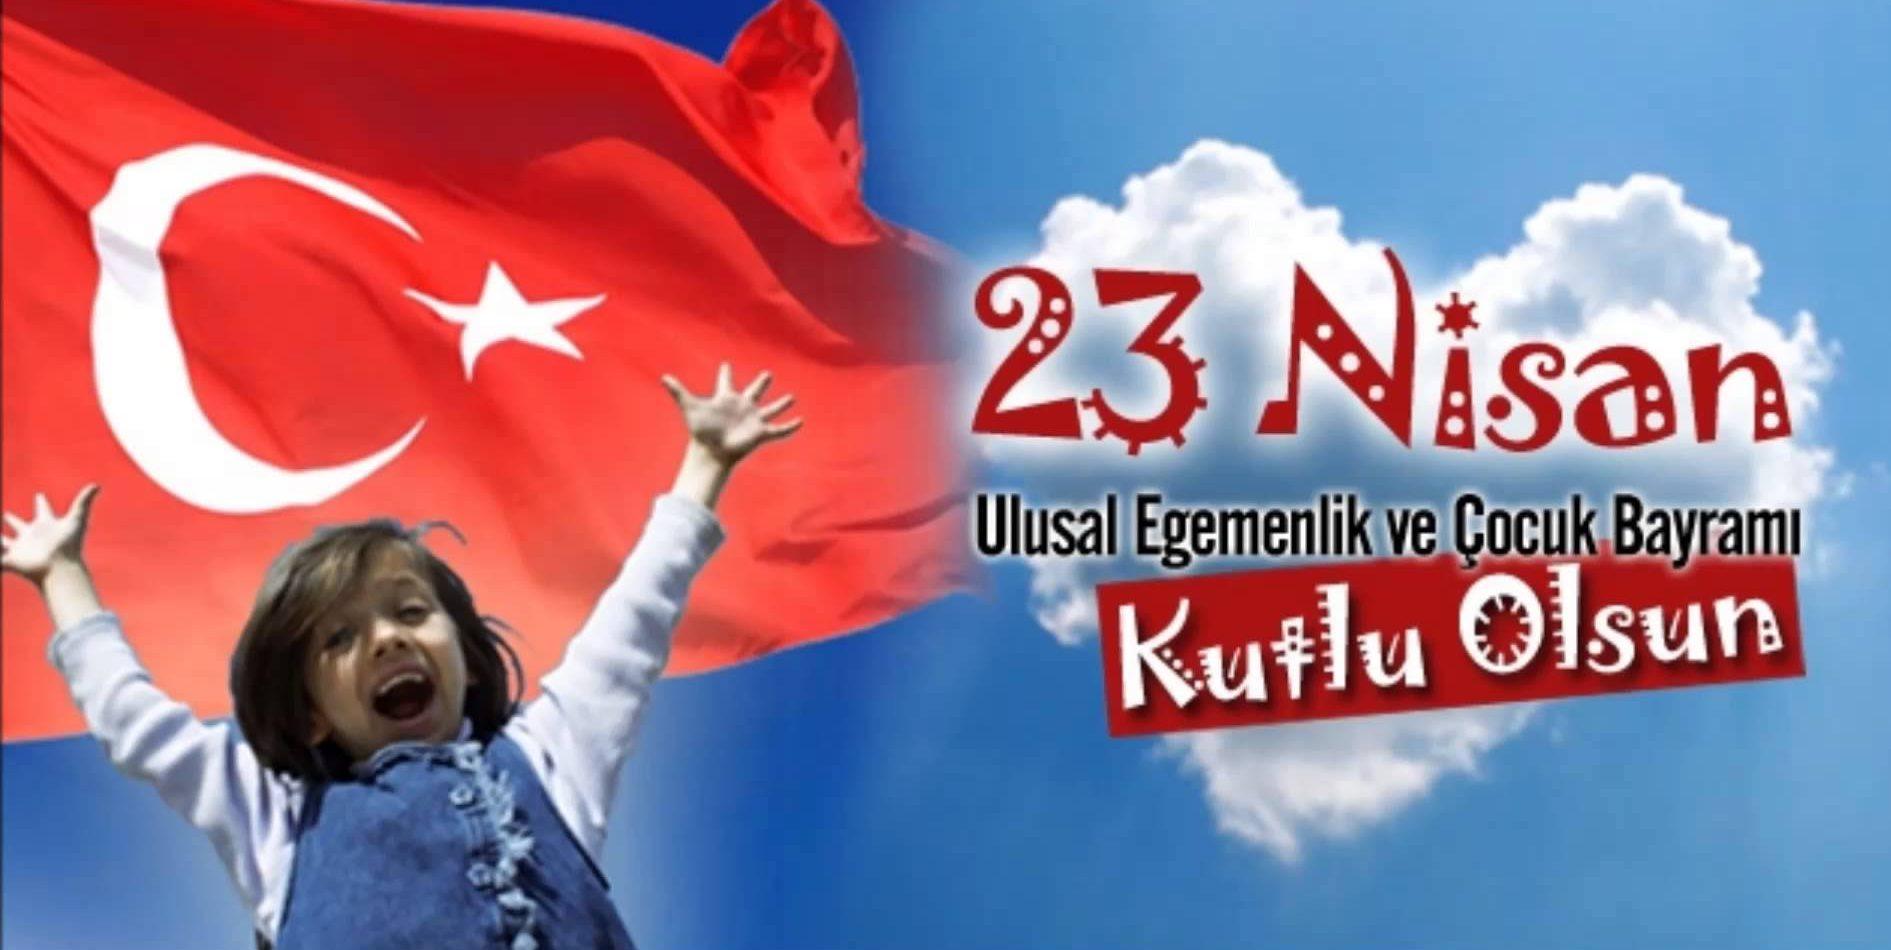 23 Nisan Ulusal Egemenlik Bayramı İle İlgili Yazı